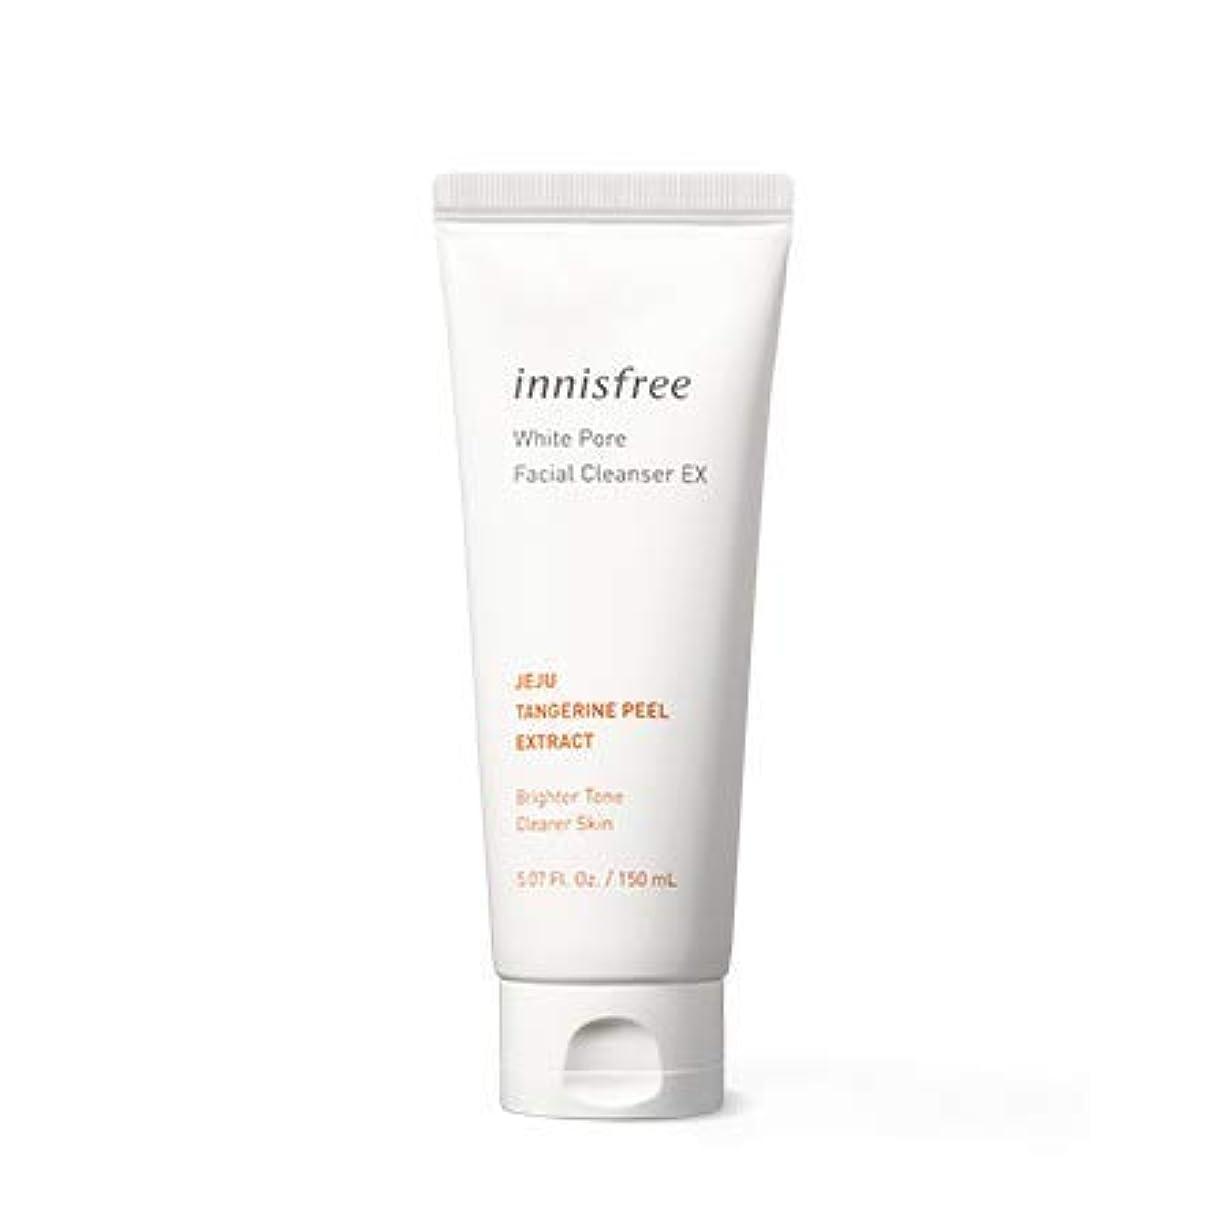 シャンプー漂流セールスマン[イニスフリー.INNISFREE]ホワイトポアフェイシャルクレンザーEX150mL×2EA,(2019。新発売)White Pore Facial Cleanser Ex